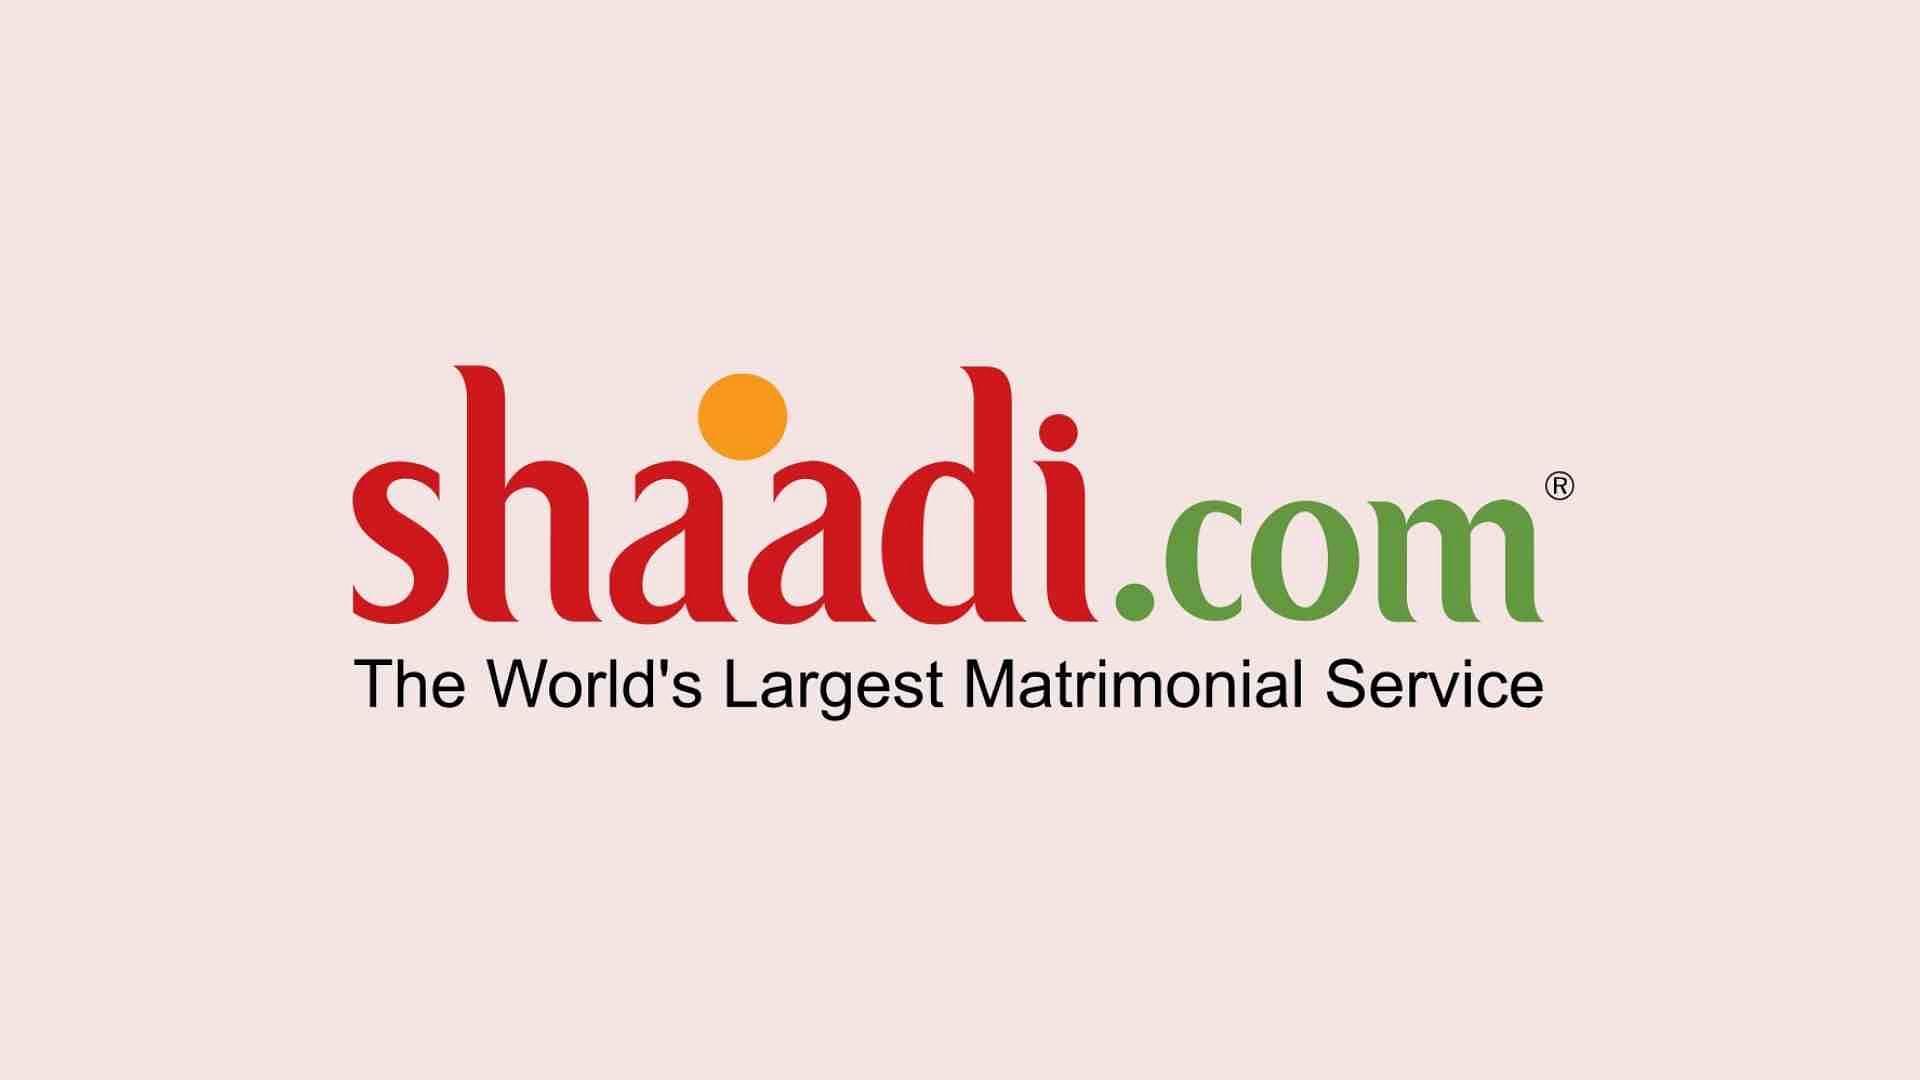 shaadi.com?blur=25